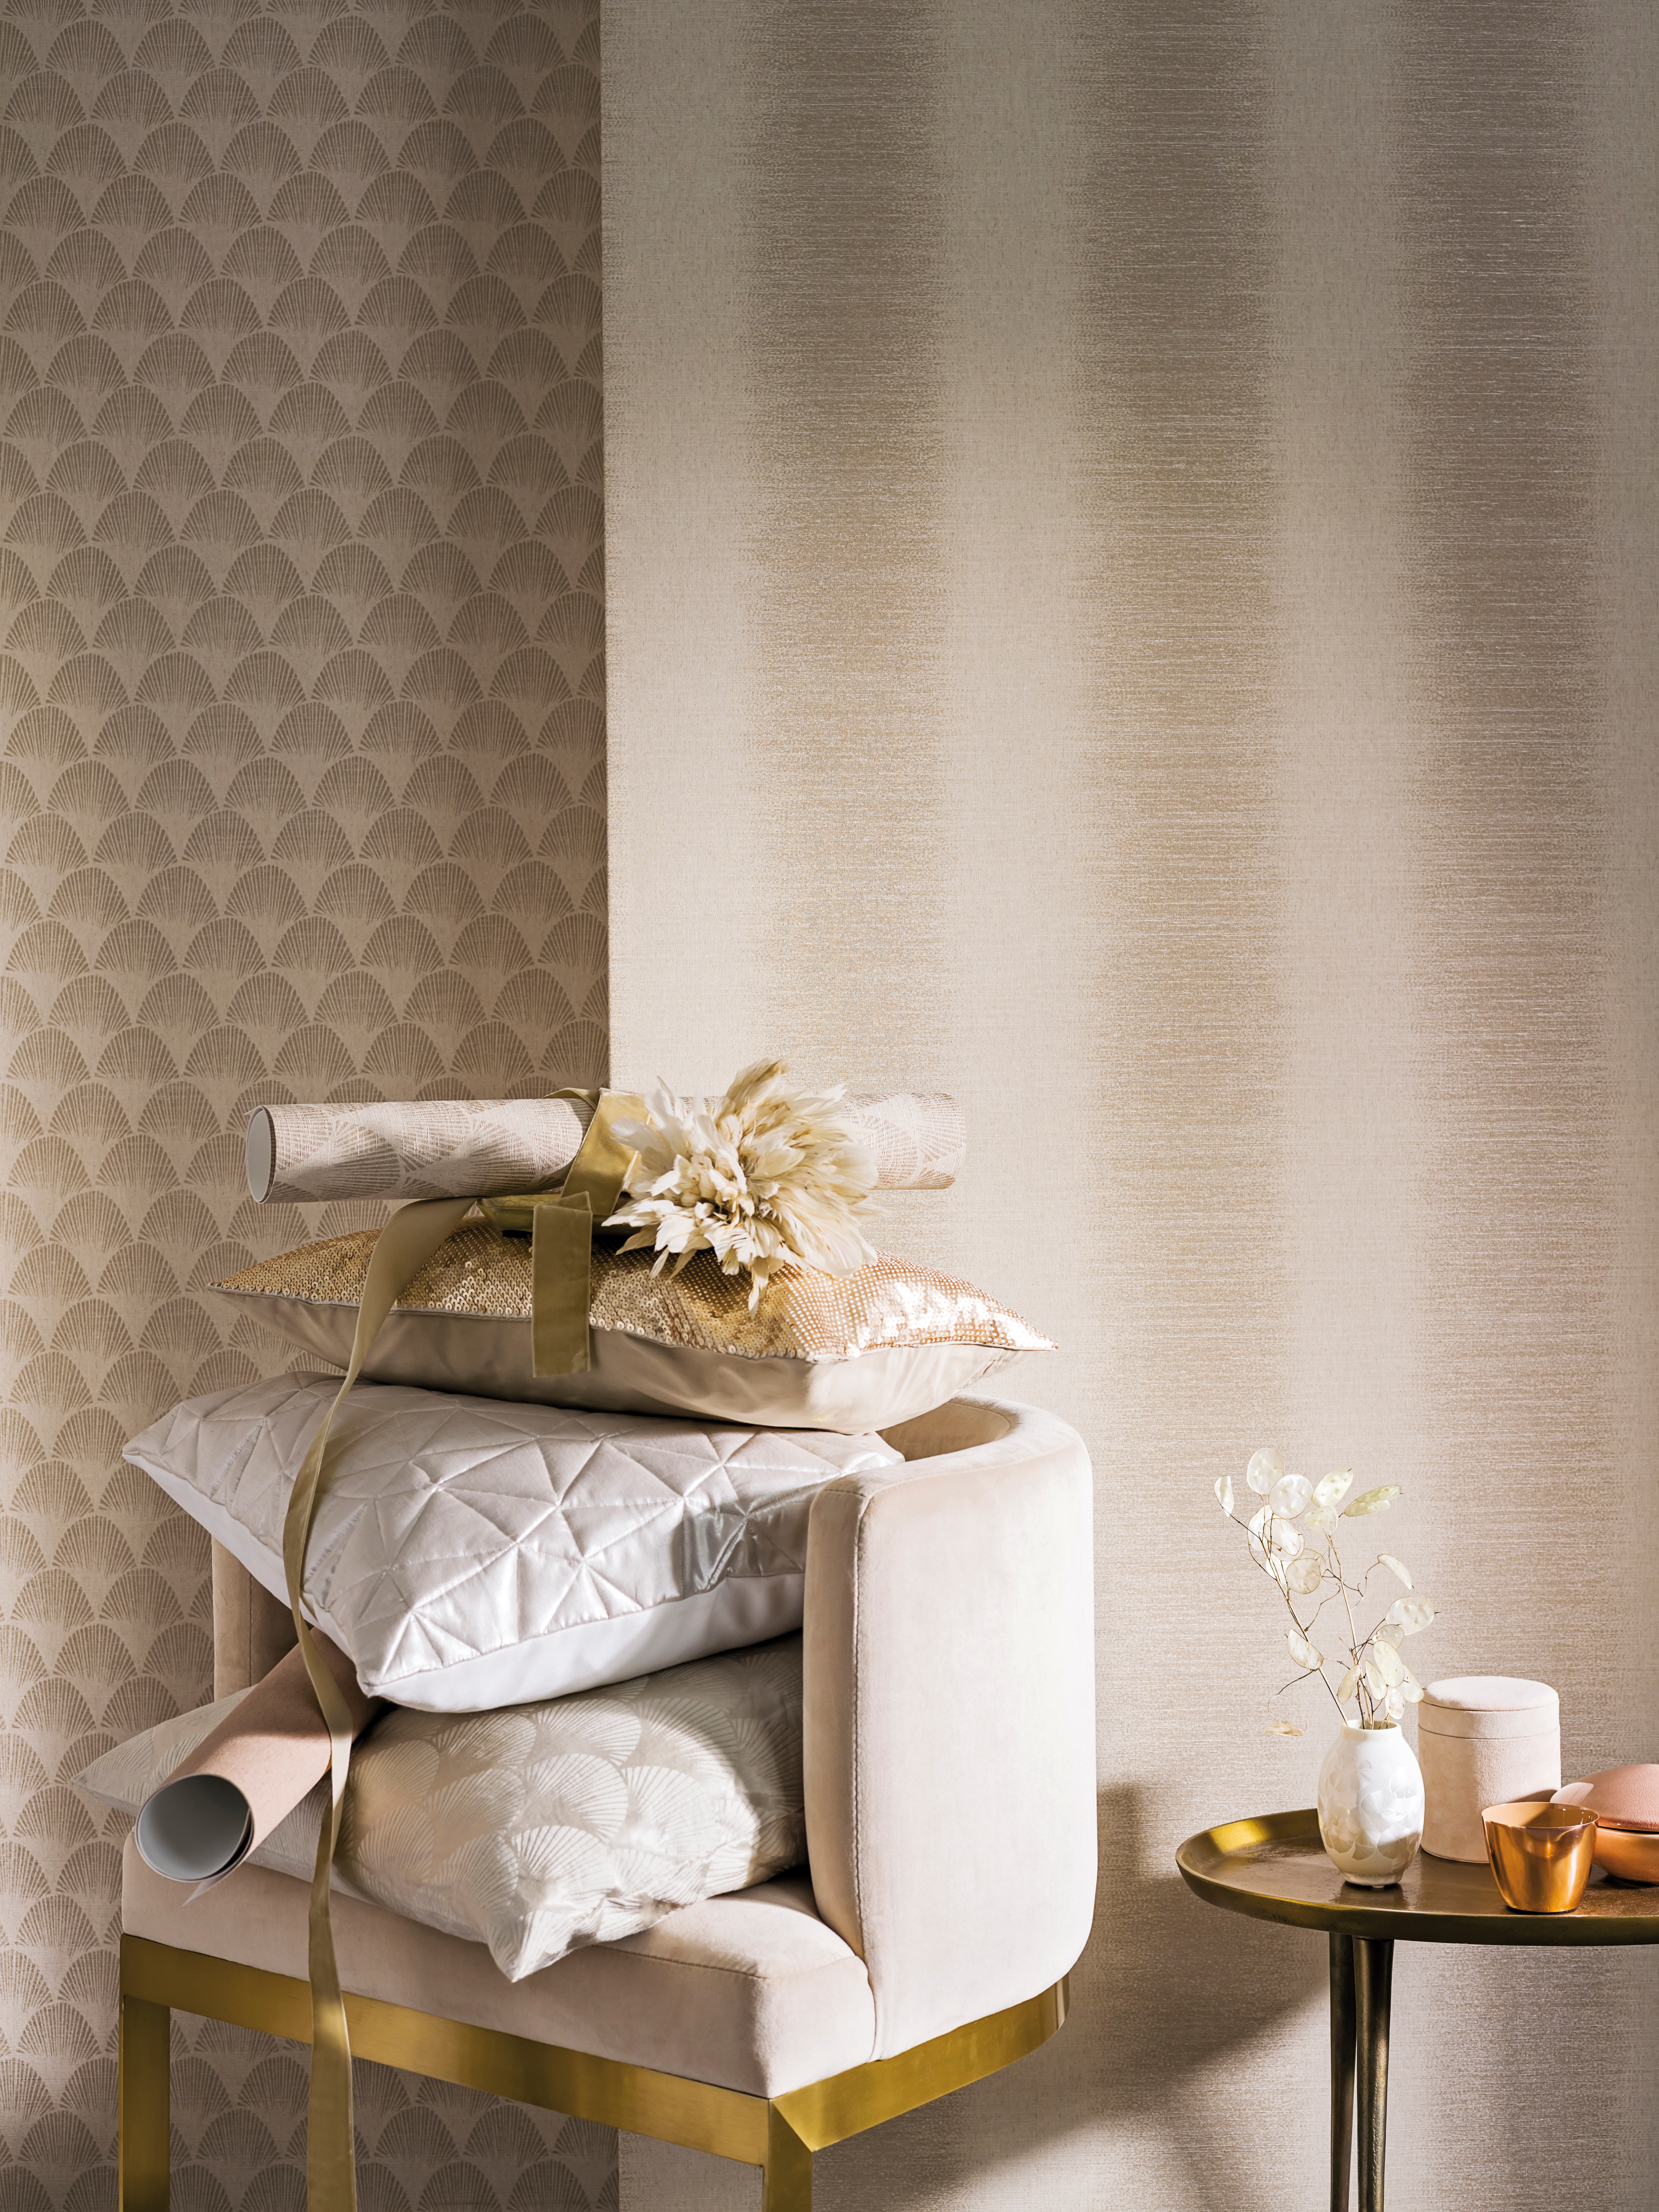 Belle époque Wallpaper By Christian Fischbacher Stylepark